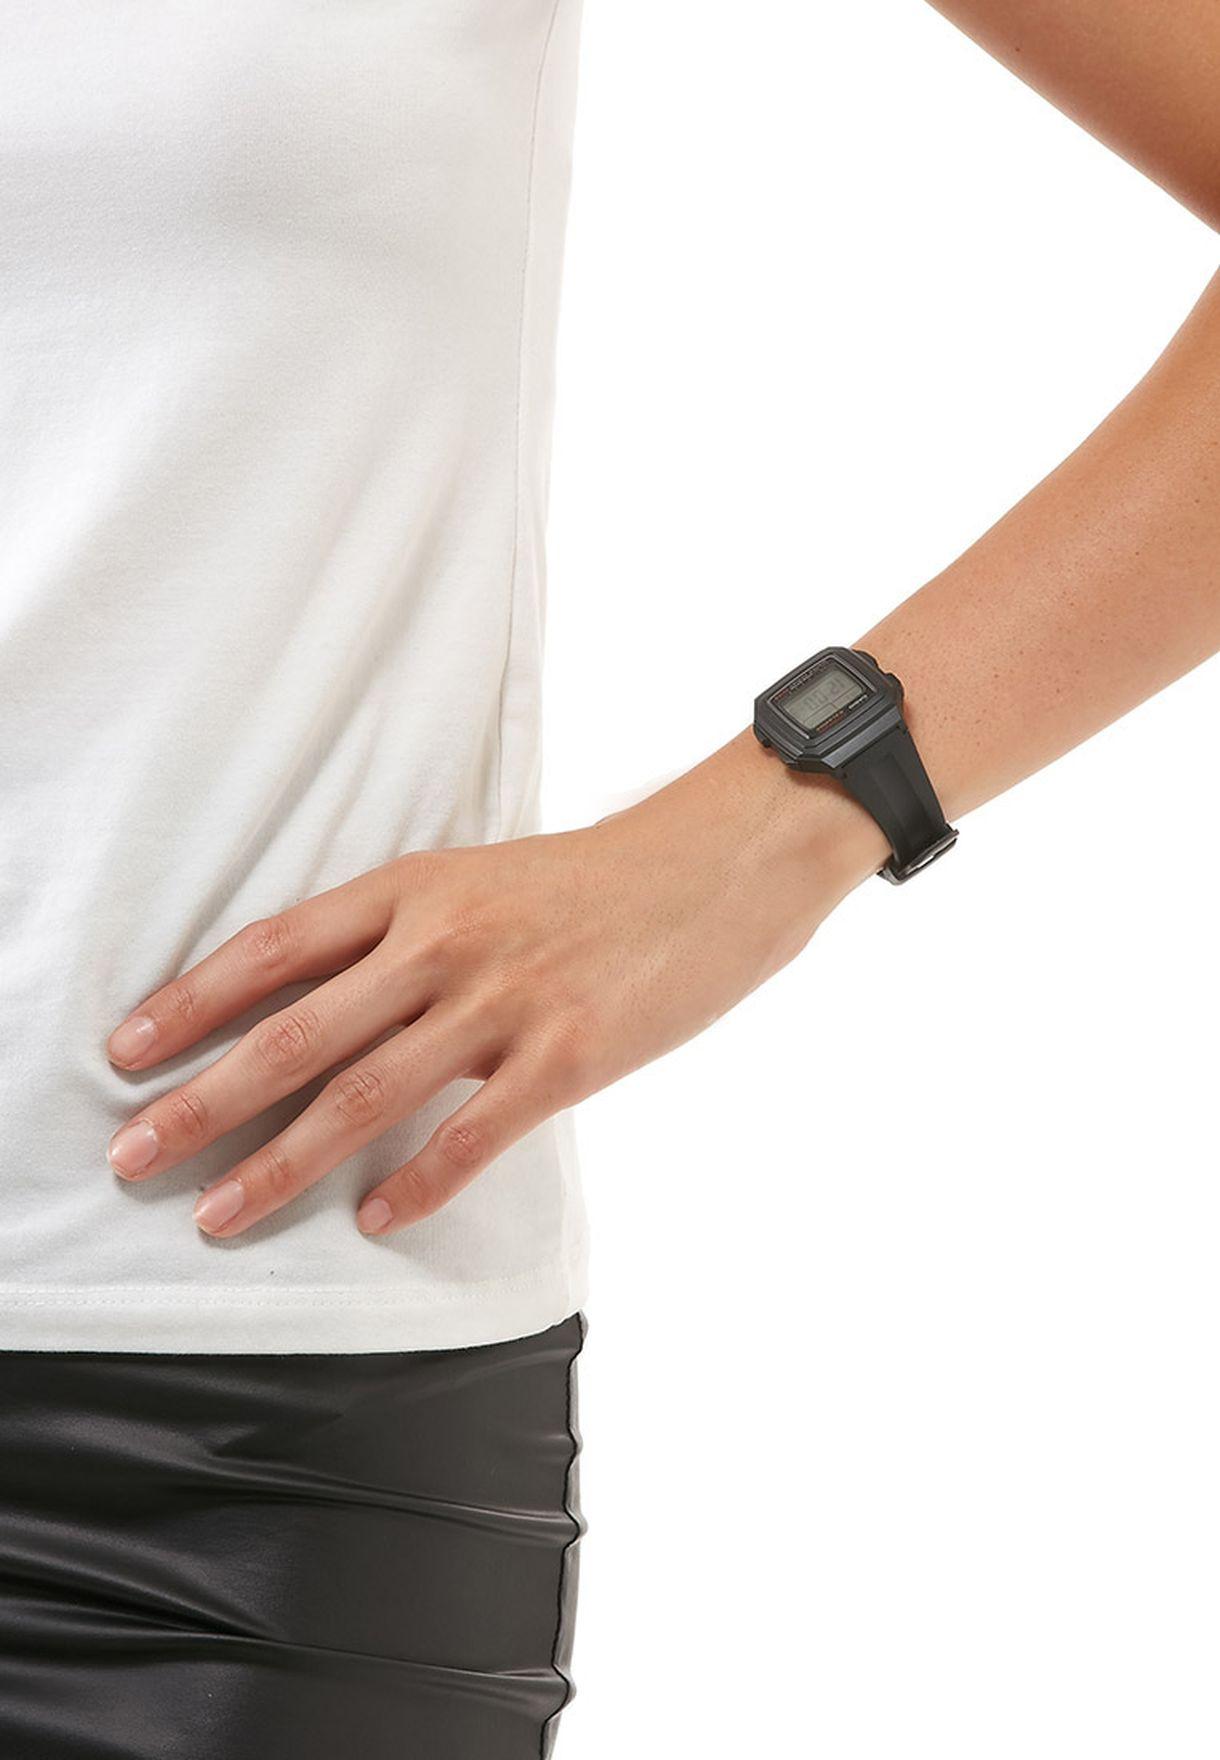 ساعة يد ديجيتال